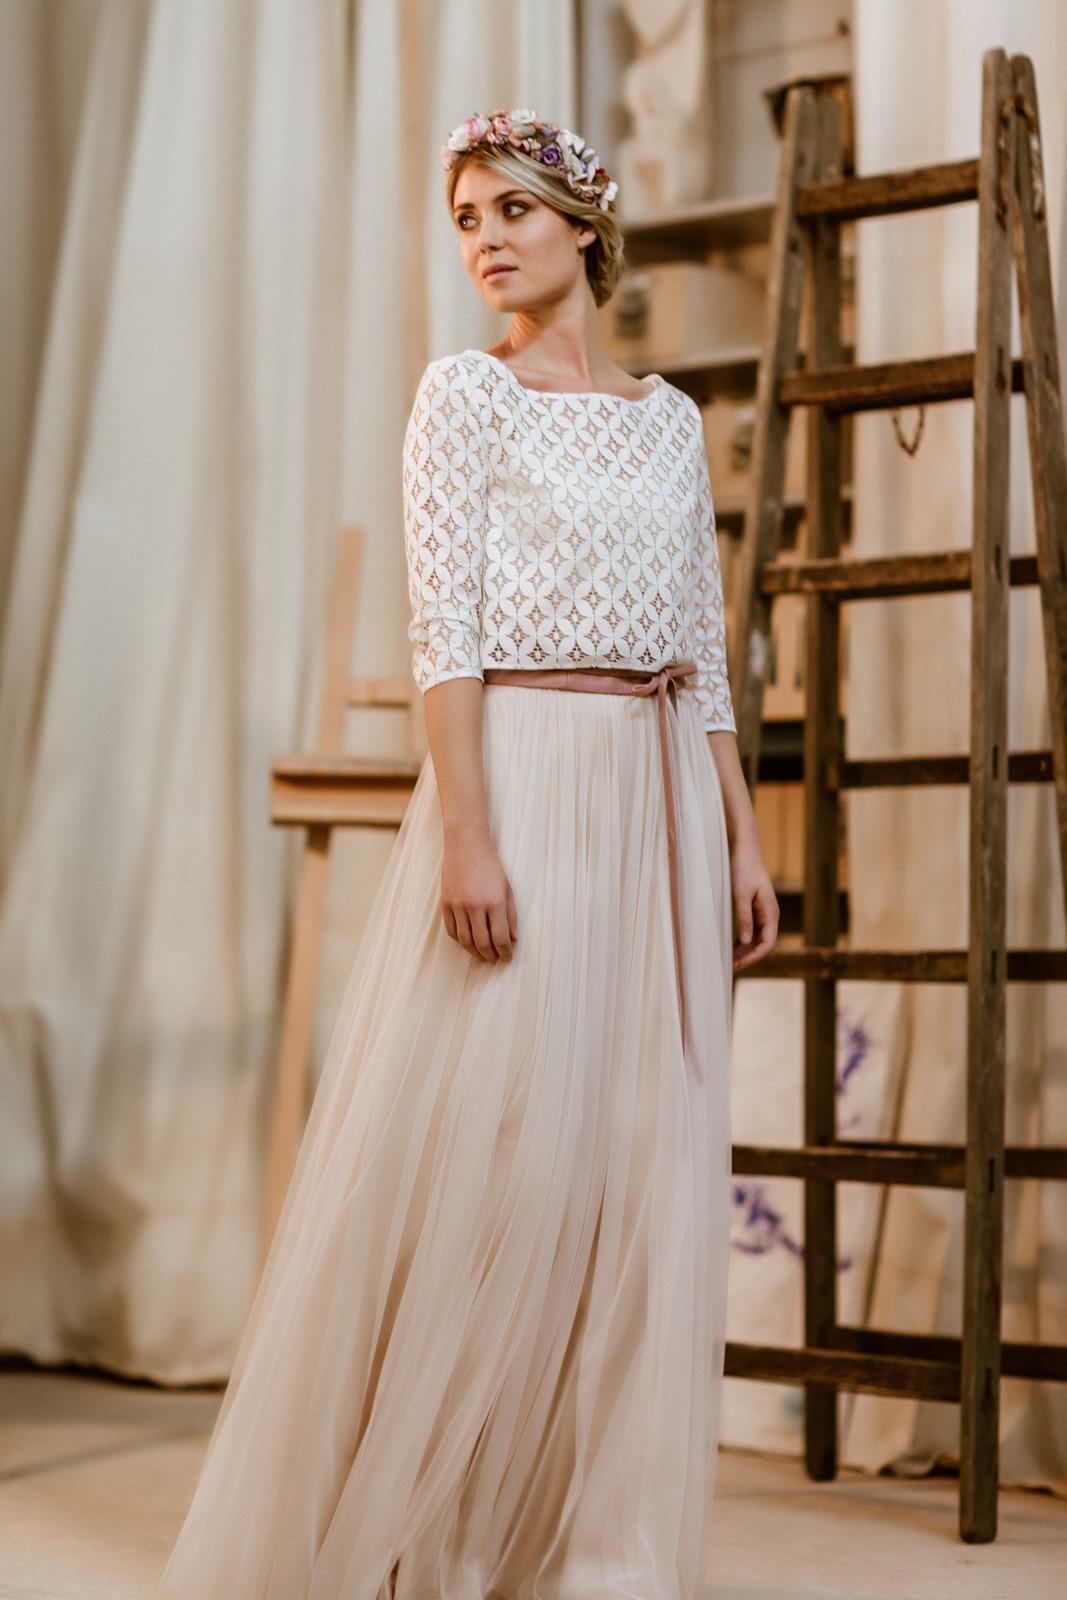 noni Jubiläumskollektion | langes Brautkleid mit Tüllrock in Puderrosa und Spitzentop, Ganzkörper-/Vorderansicht (Foto: Le Hai Linh)